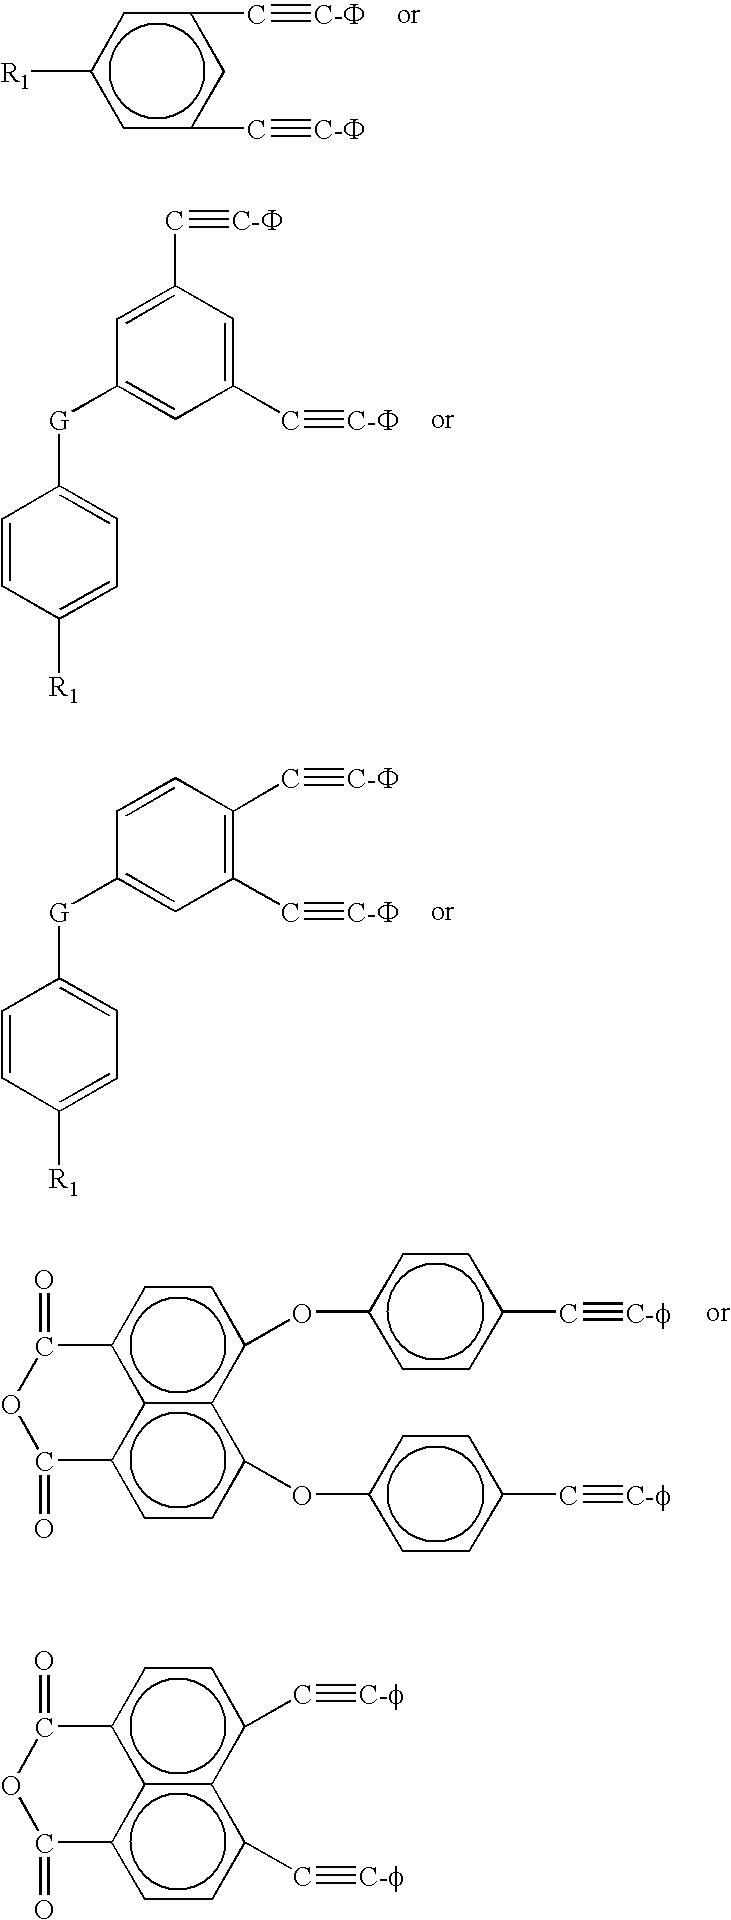 Figure US20100204412A1-20100812-C00080